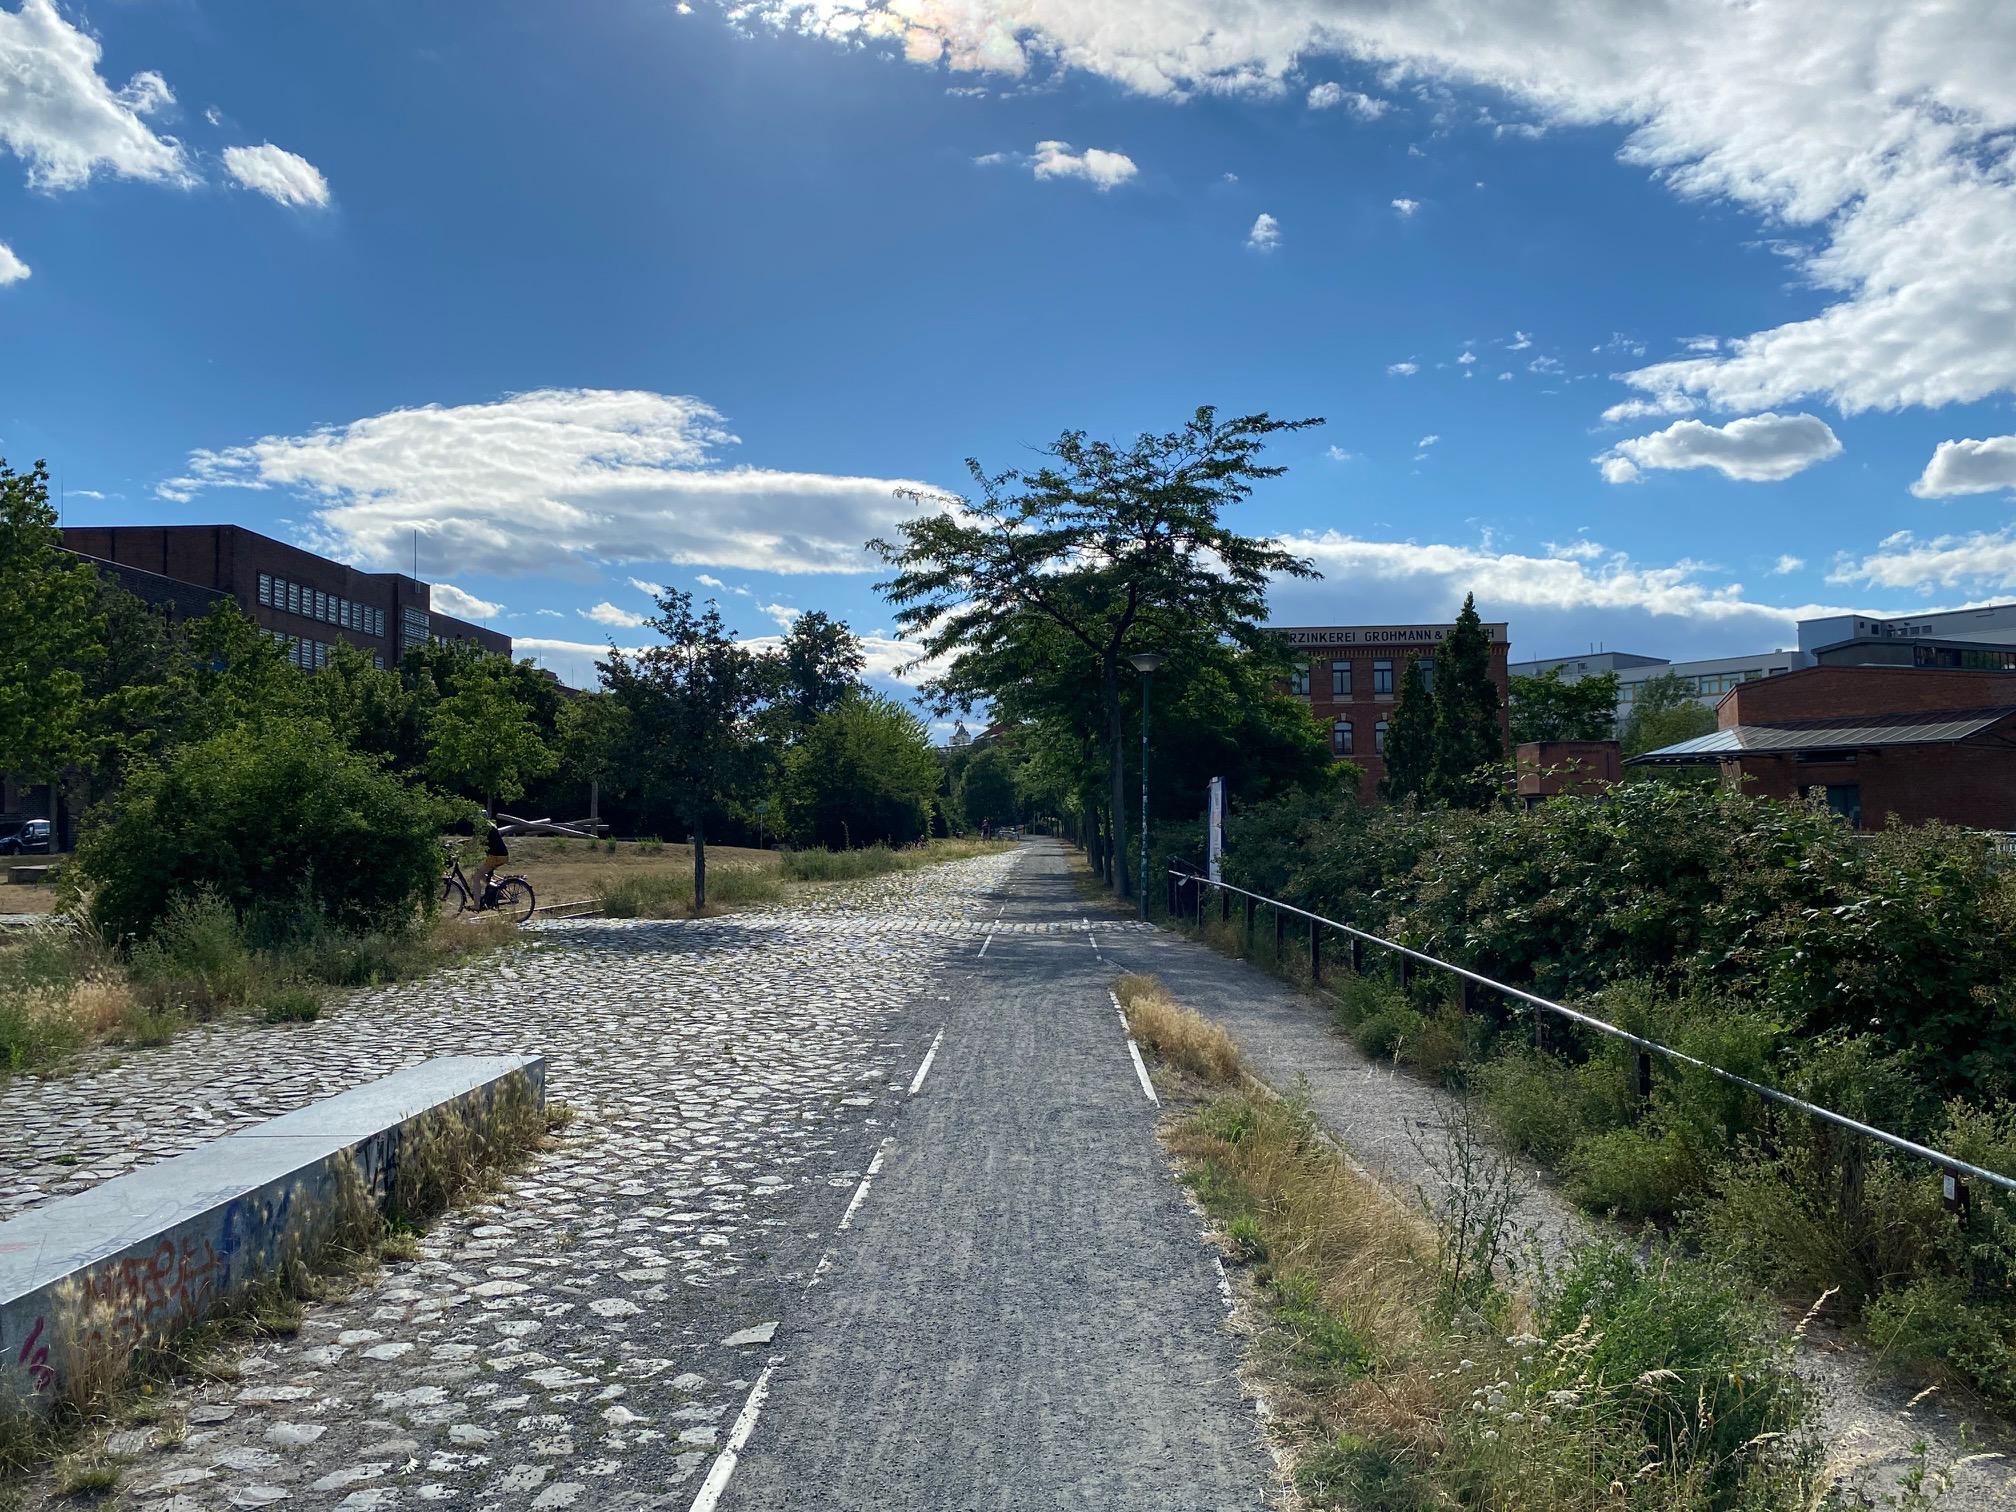 Geführter Rundgang über das historische Plagwitzer Bahnhofsgelände